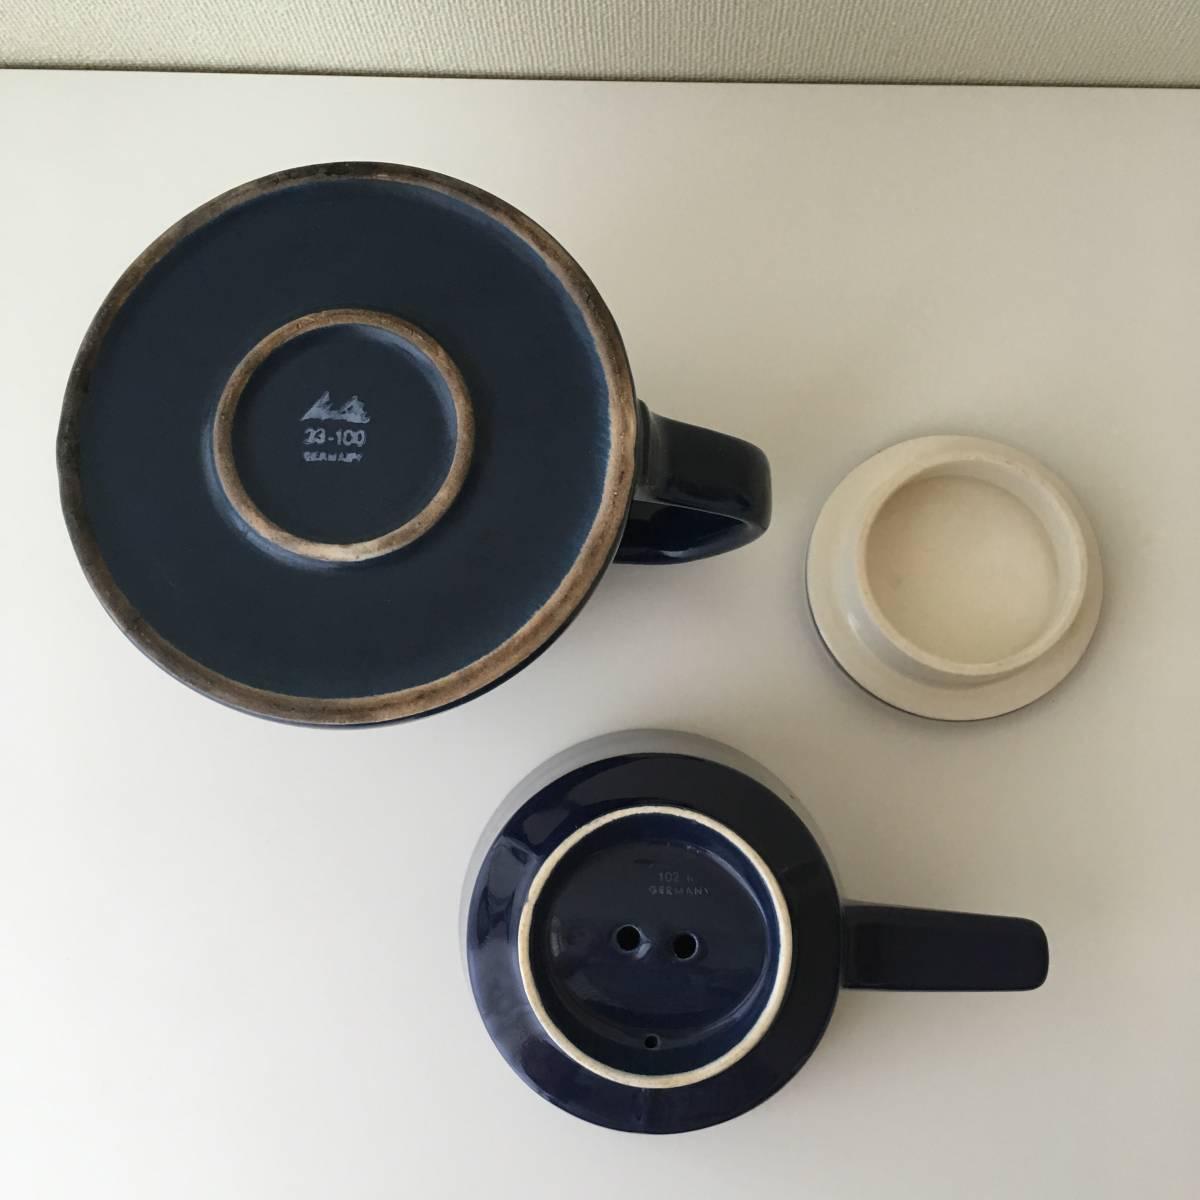 北欧ヴィンテージ ビンテージ 北欧雑貨 コーヒーポット フィルター 陶器製_画像5